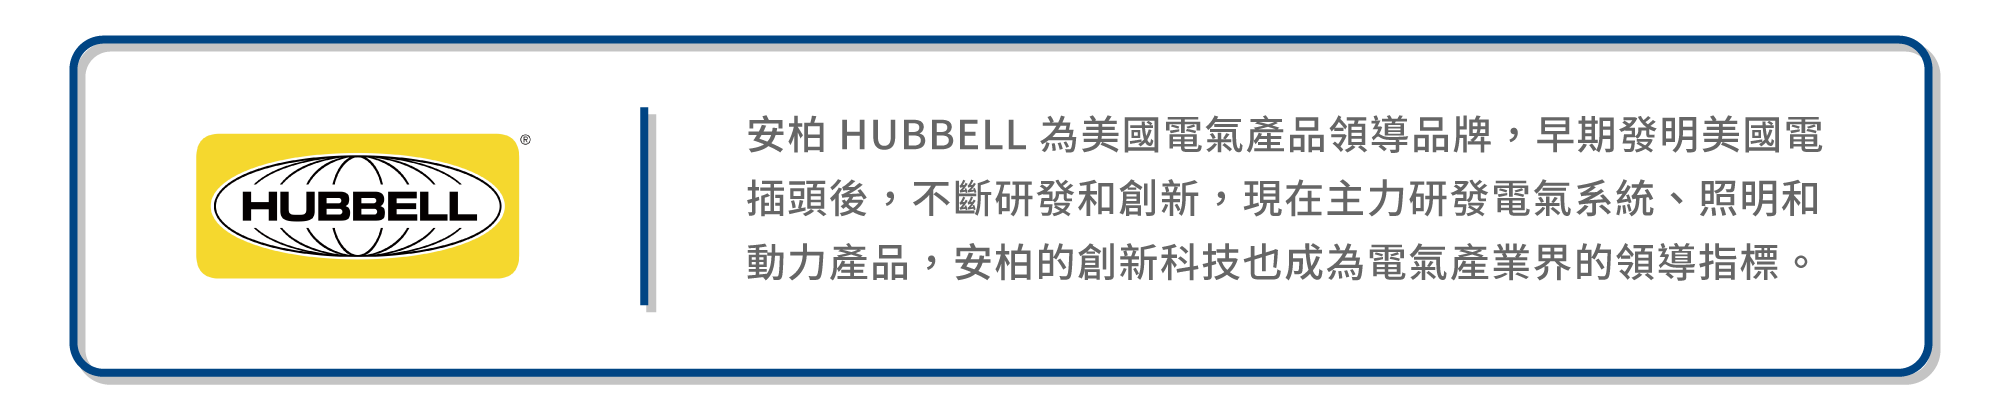 安柏HUBBELL